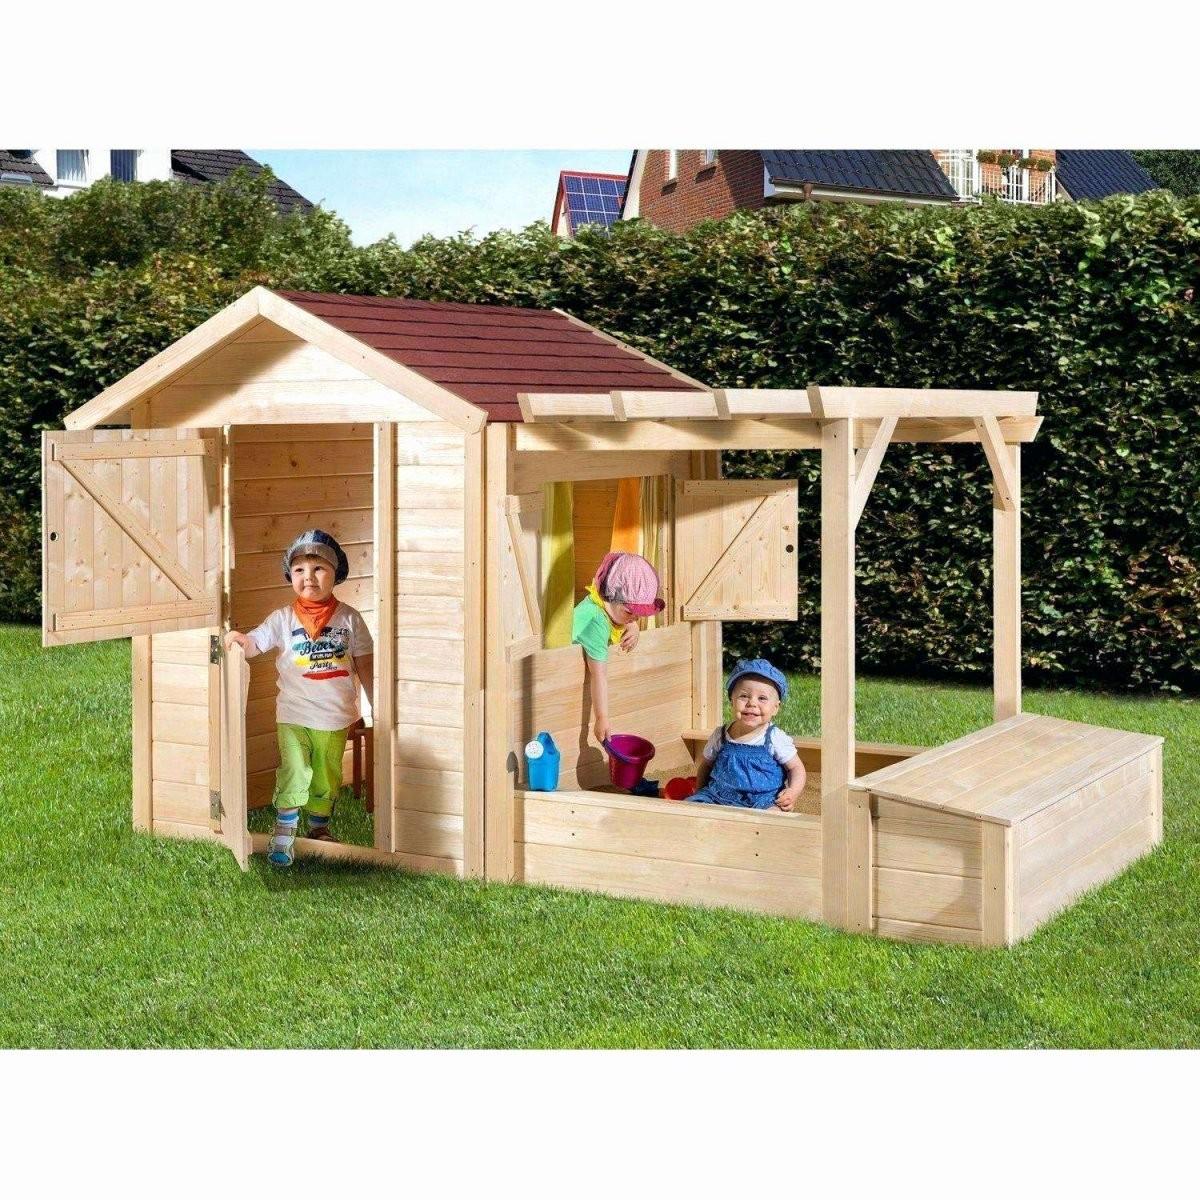 Kinder Holzhaus Garten Schön Kinder Gartenhaus Selber Bauen Elegant von Kinder Holzhaus Selber Bauen Photo